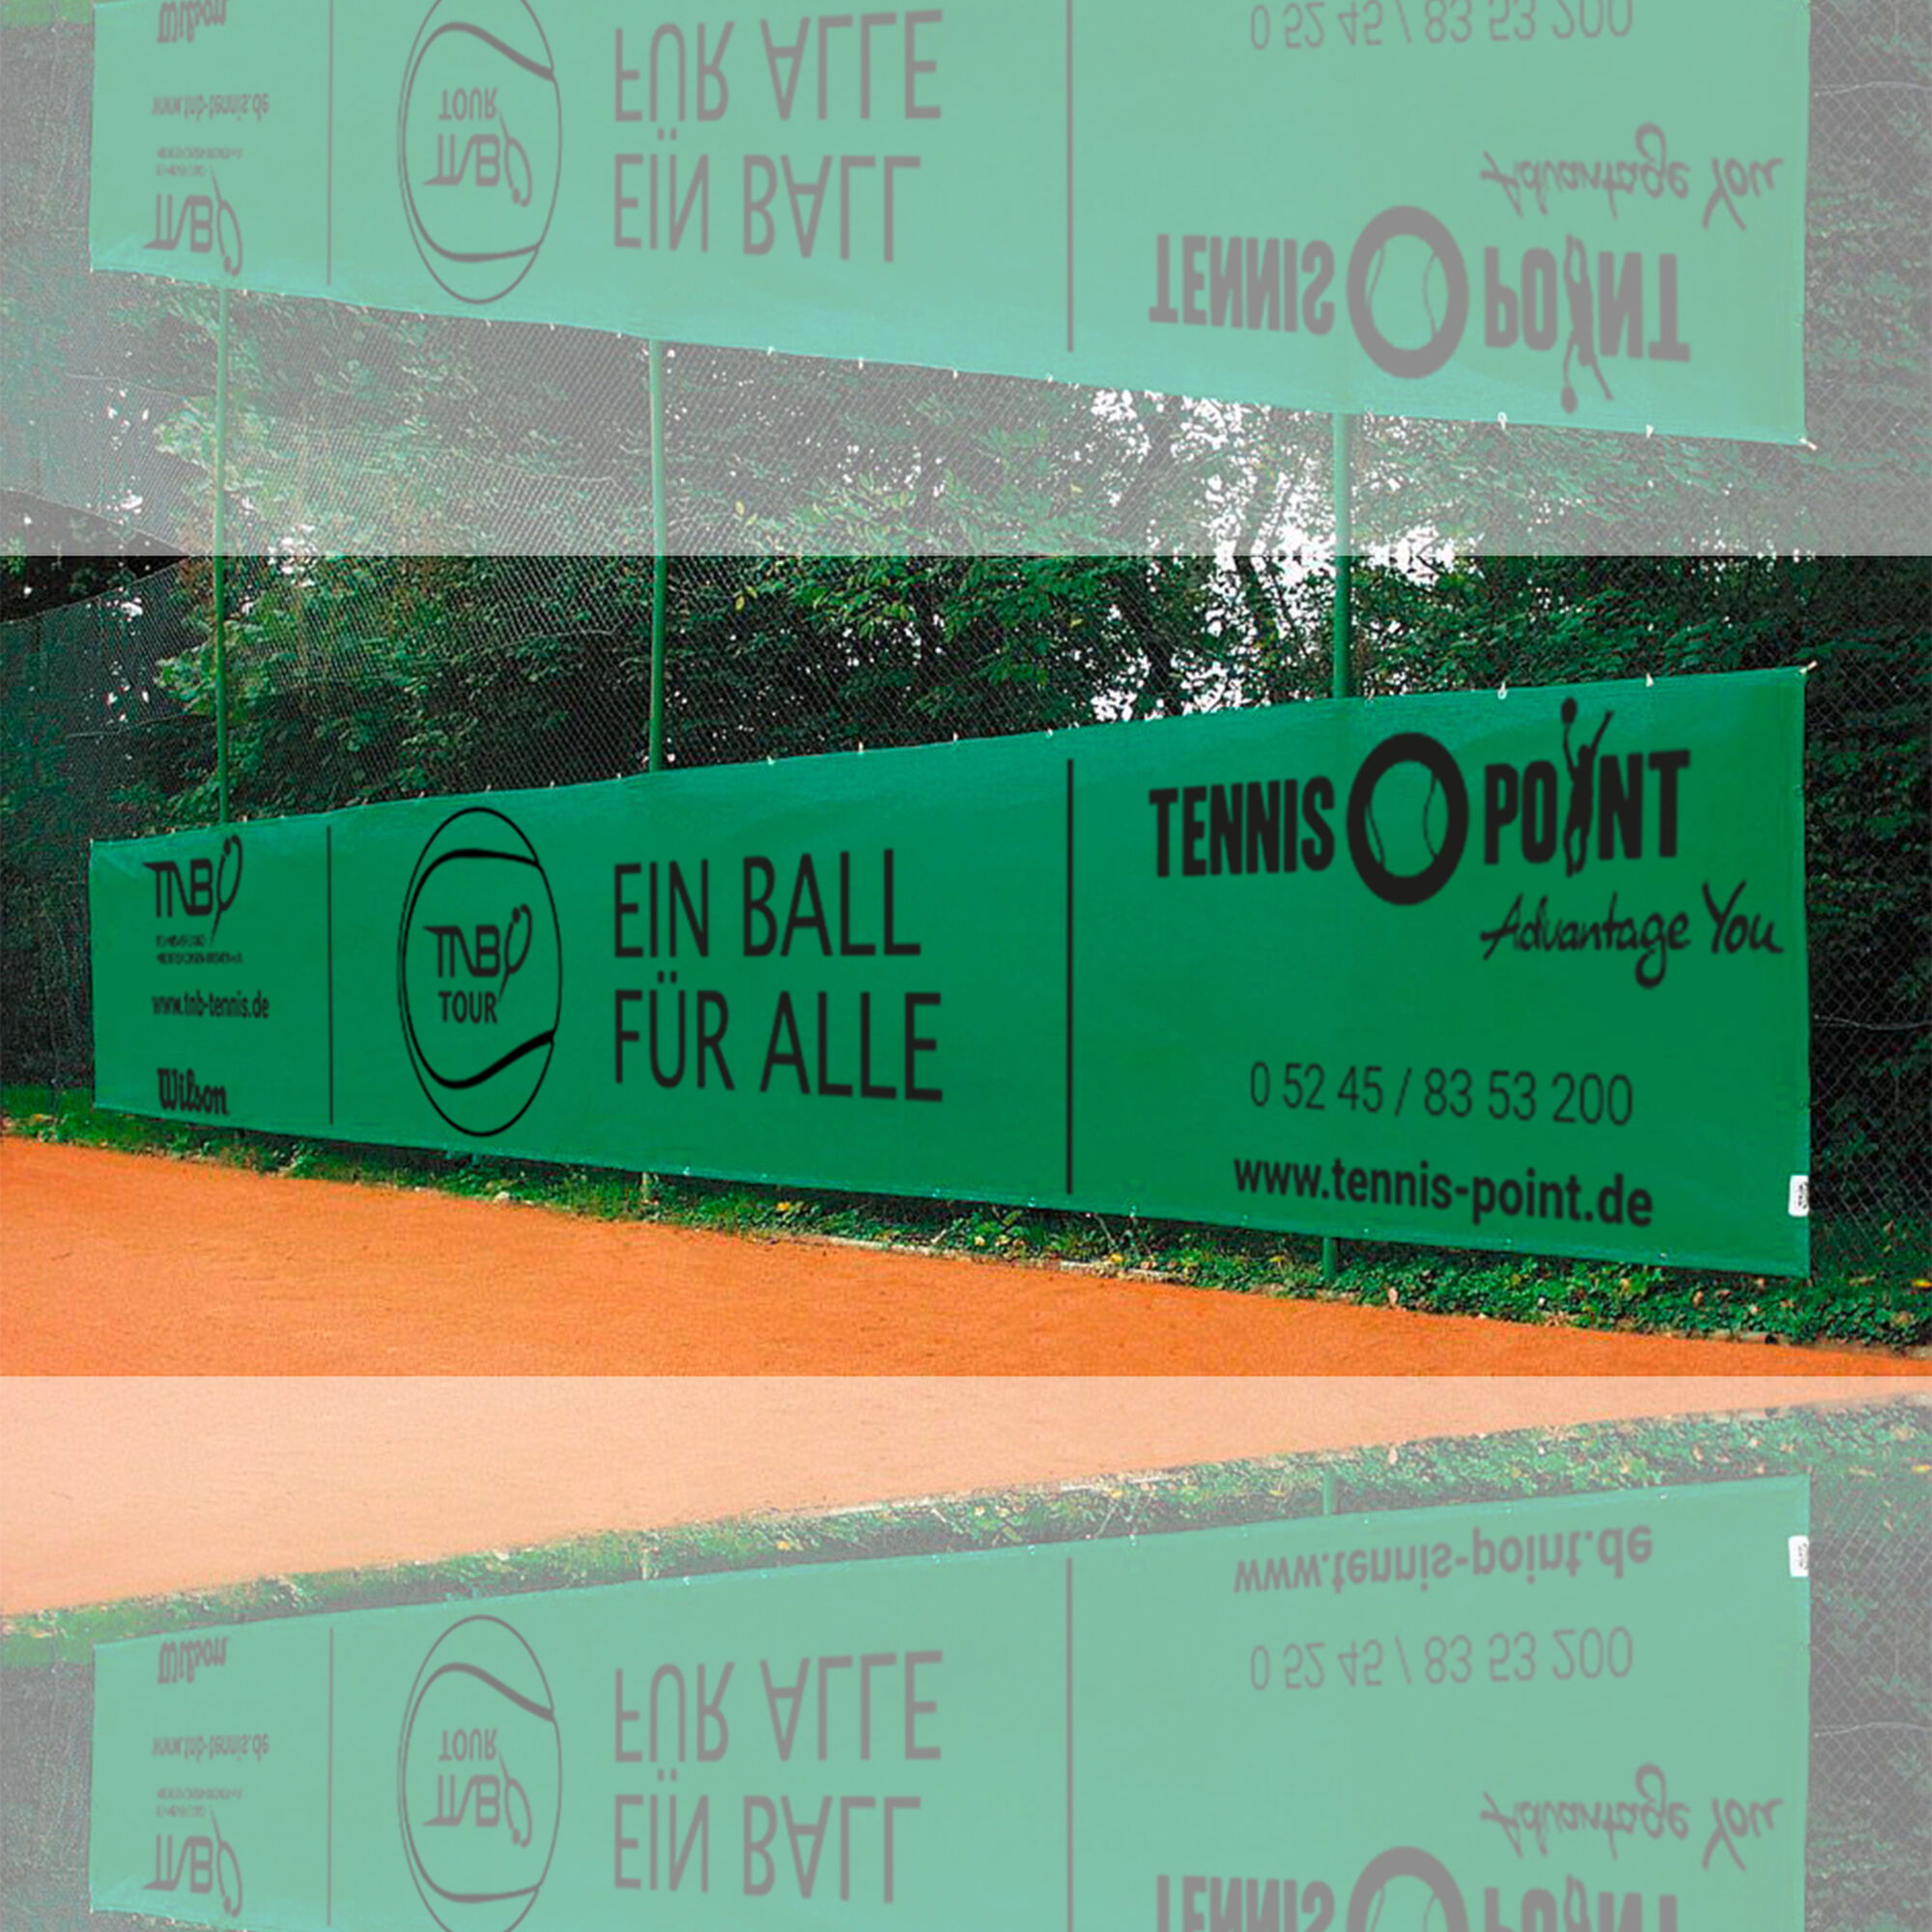 Tennis Point Tnb Sichtblende 12x2m Grun Online Kaufen Tennis Point